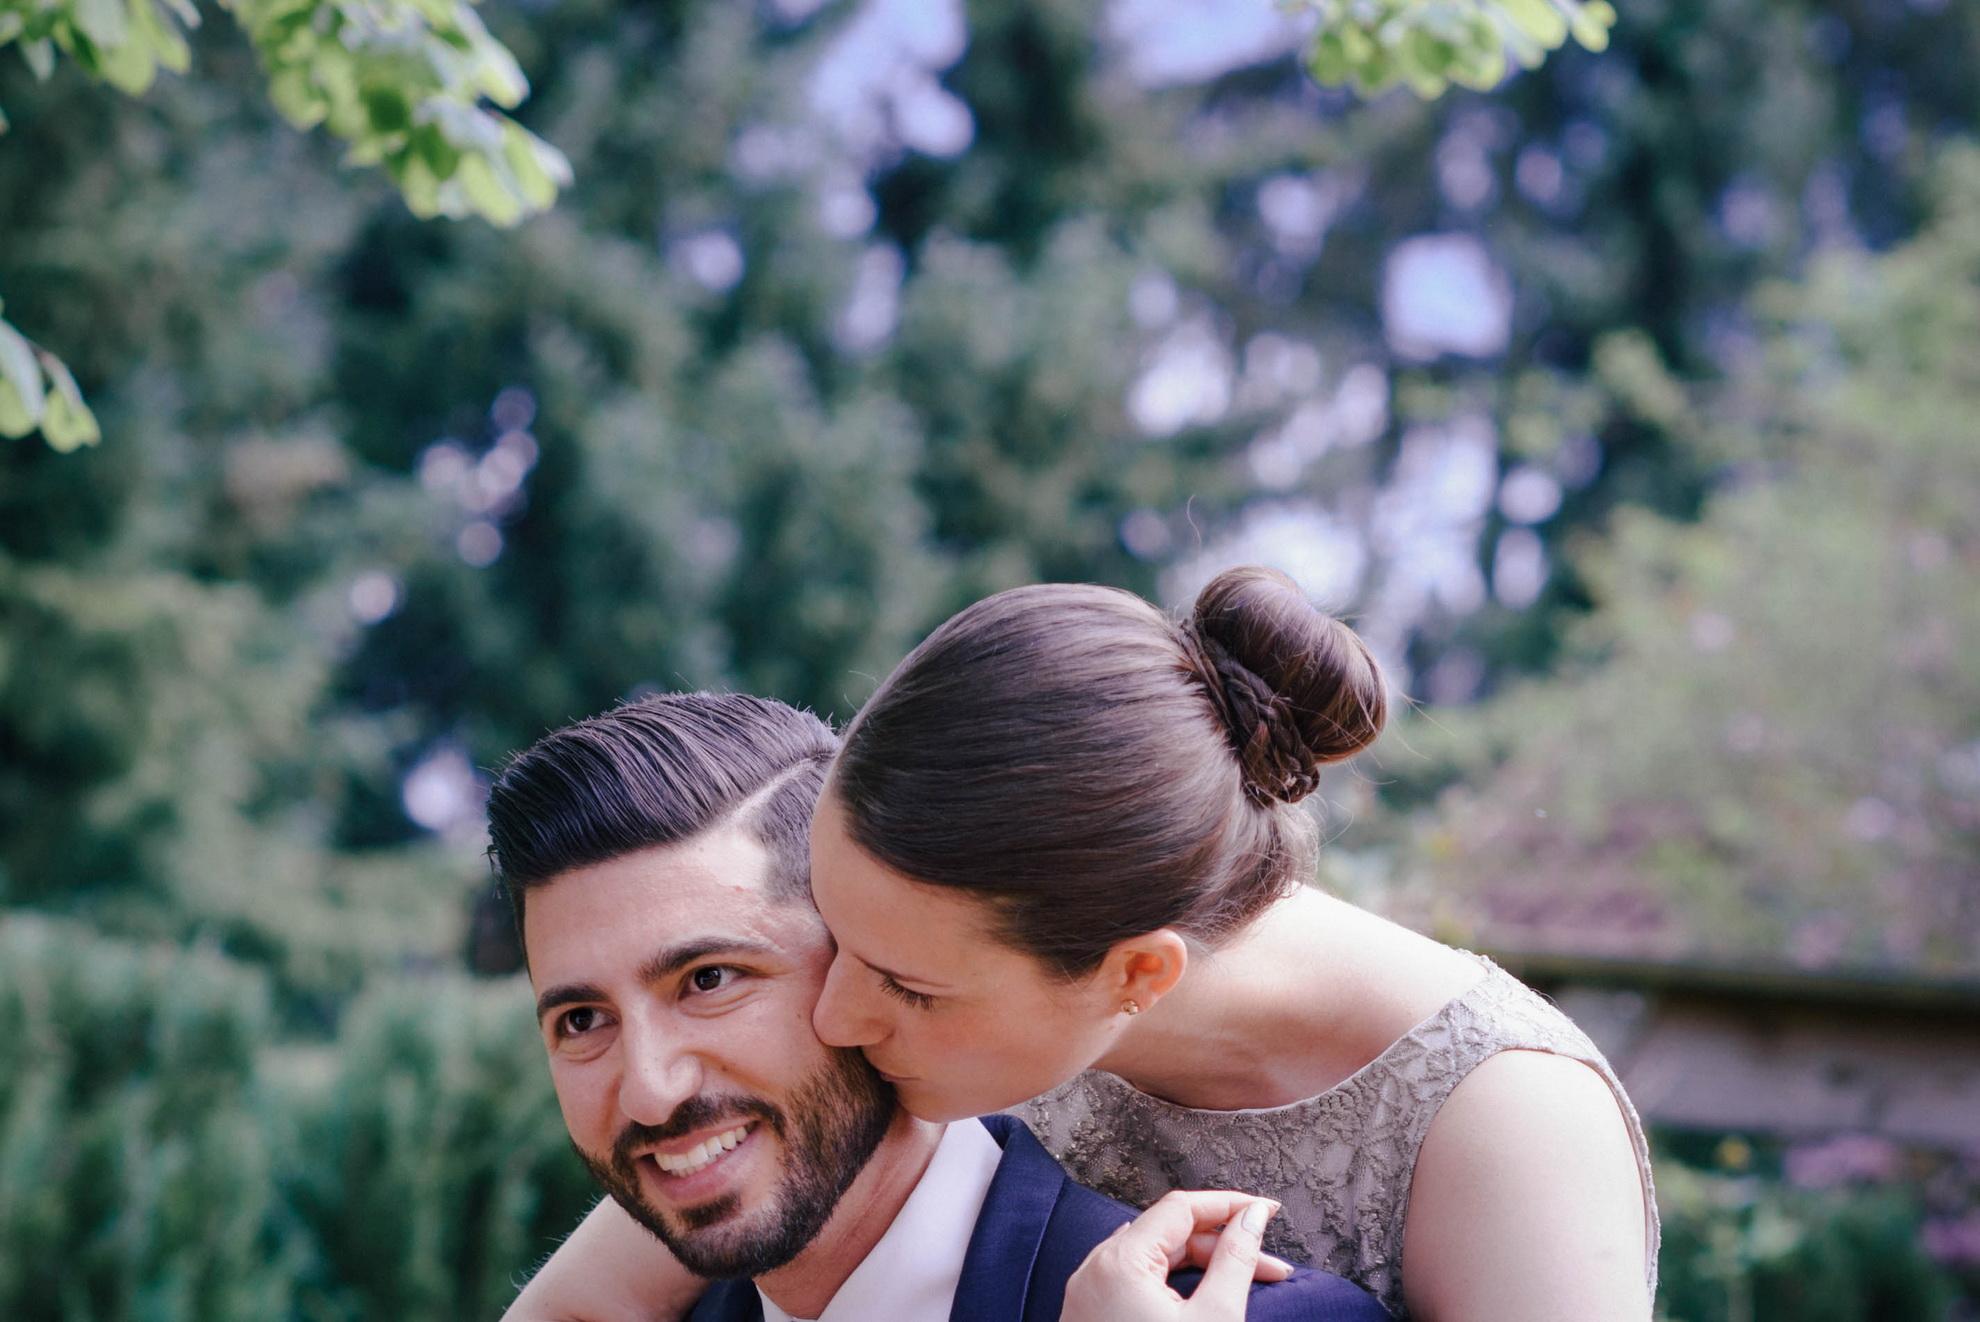 Lena und Bertan 30 Wedding Hochzeit Couple Paar Liebe Claudia Sittig Photography G1980-1322